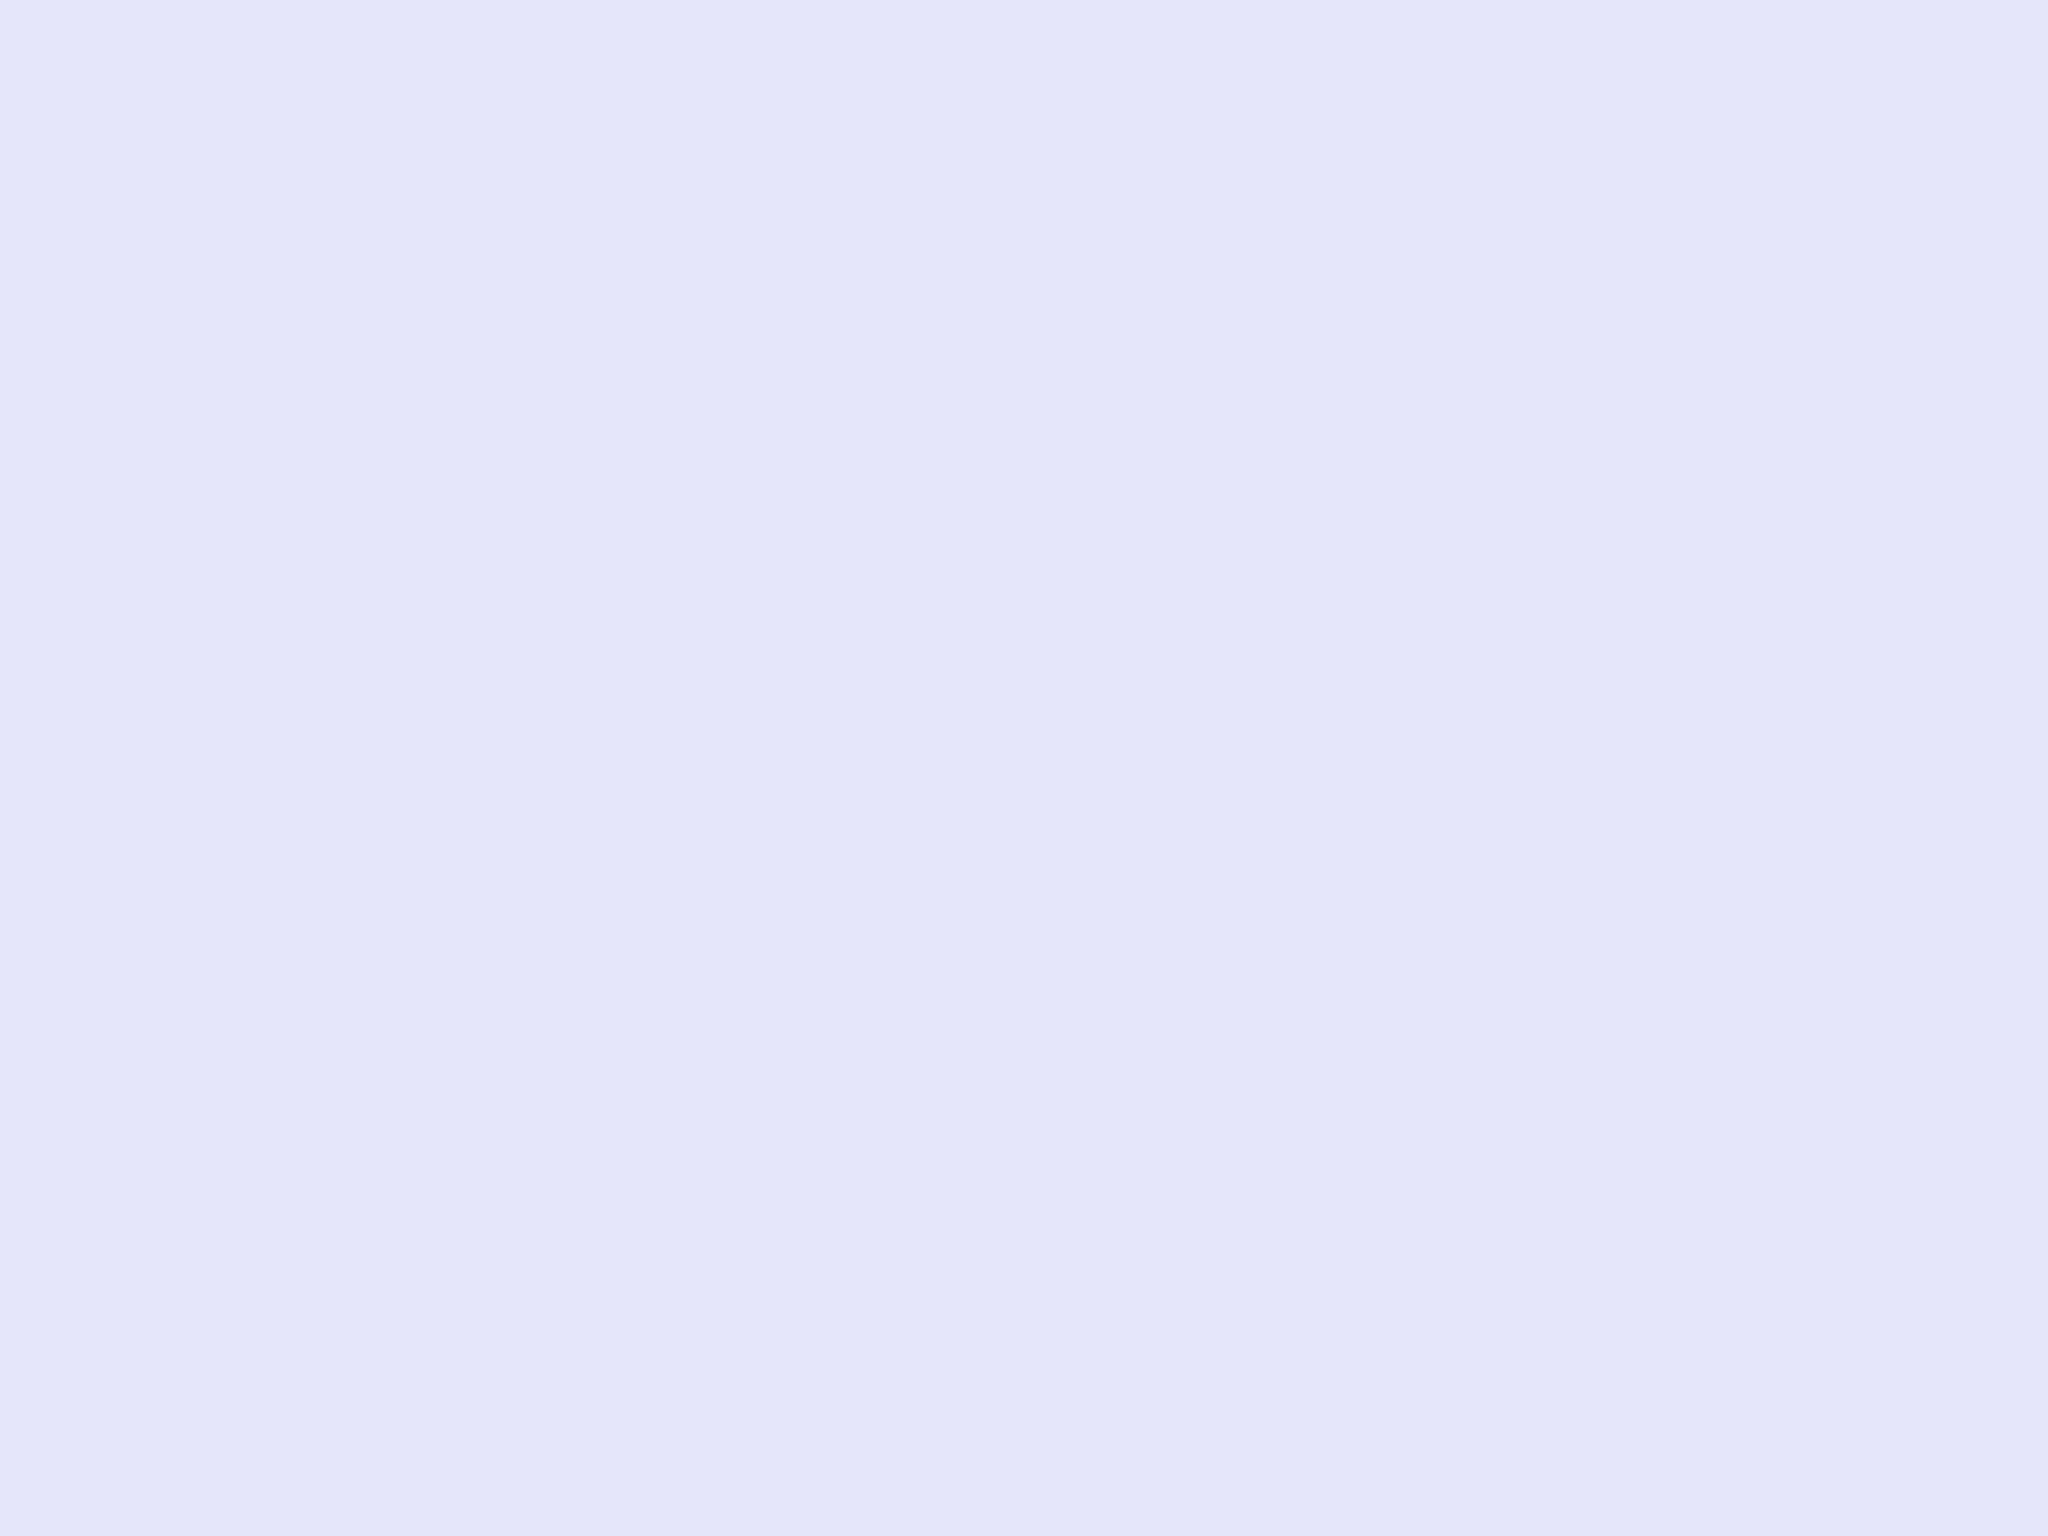 2048x1536 Lavender Mist Solid Color Background